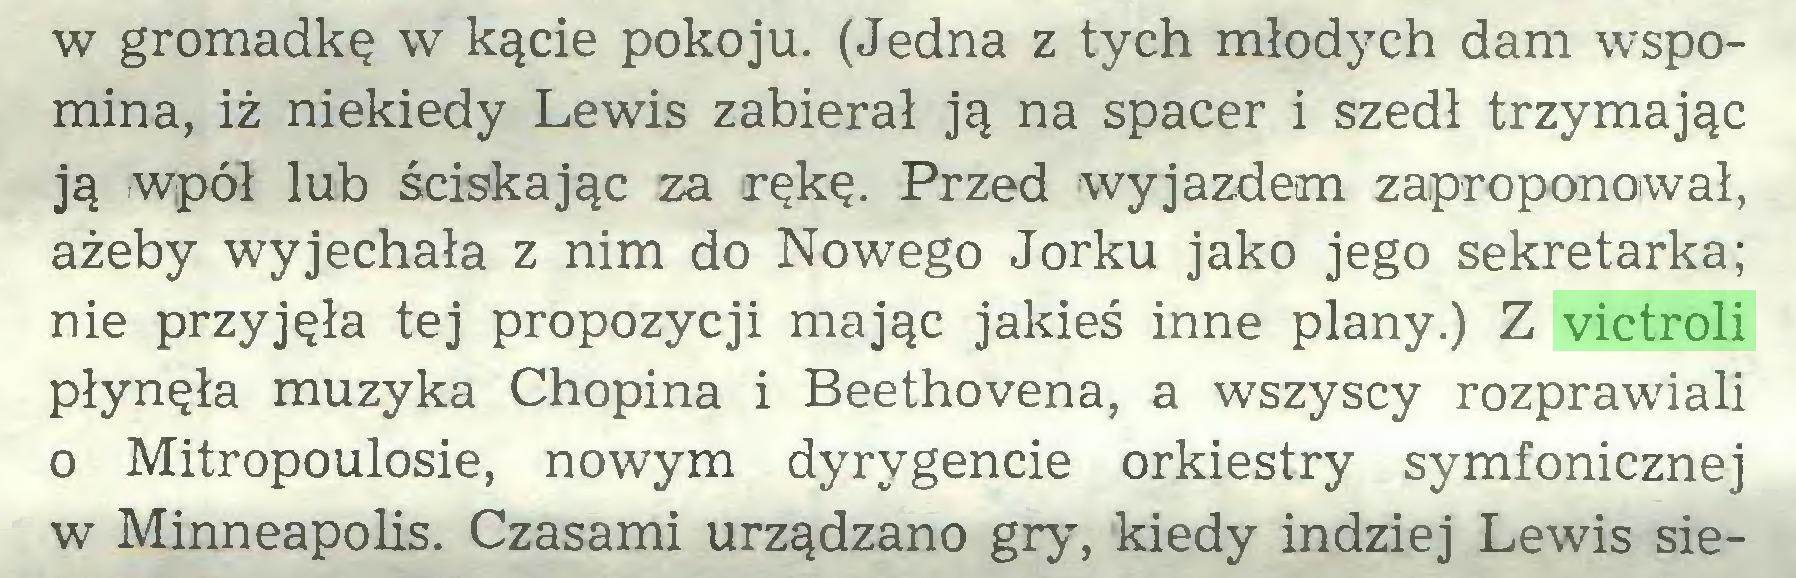 (...) w gromadkę w kącie pokoju. (Jedna z tych młodych dam wspomina, iż niekiedy Lewis zabierał ją na spacer i szedł trzymając ją wpół lub ściskając za rękę. Przed wyjazdem zaproponował, ażeby wyjechała z nim do Nowego Jorku jako jego sekretarka; nie przyjęła tej propozycji mając jakieś inne plany.) Z victroli płynęła muzyka Chopina i Beethovena, a wszyscy rozprawiali o Mitropoulosie, nowym dyrygencie orkiestry symfonicznej w Minneapolis. Czasami urządzano gry, kiedy indziej Lewis sie...